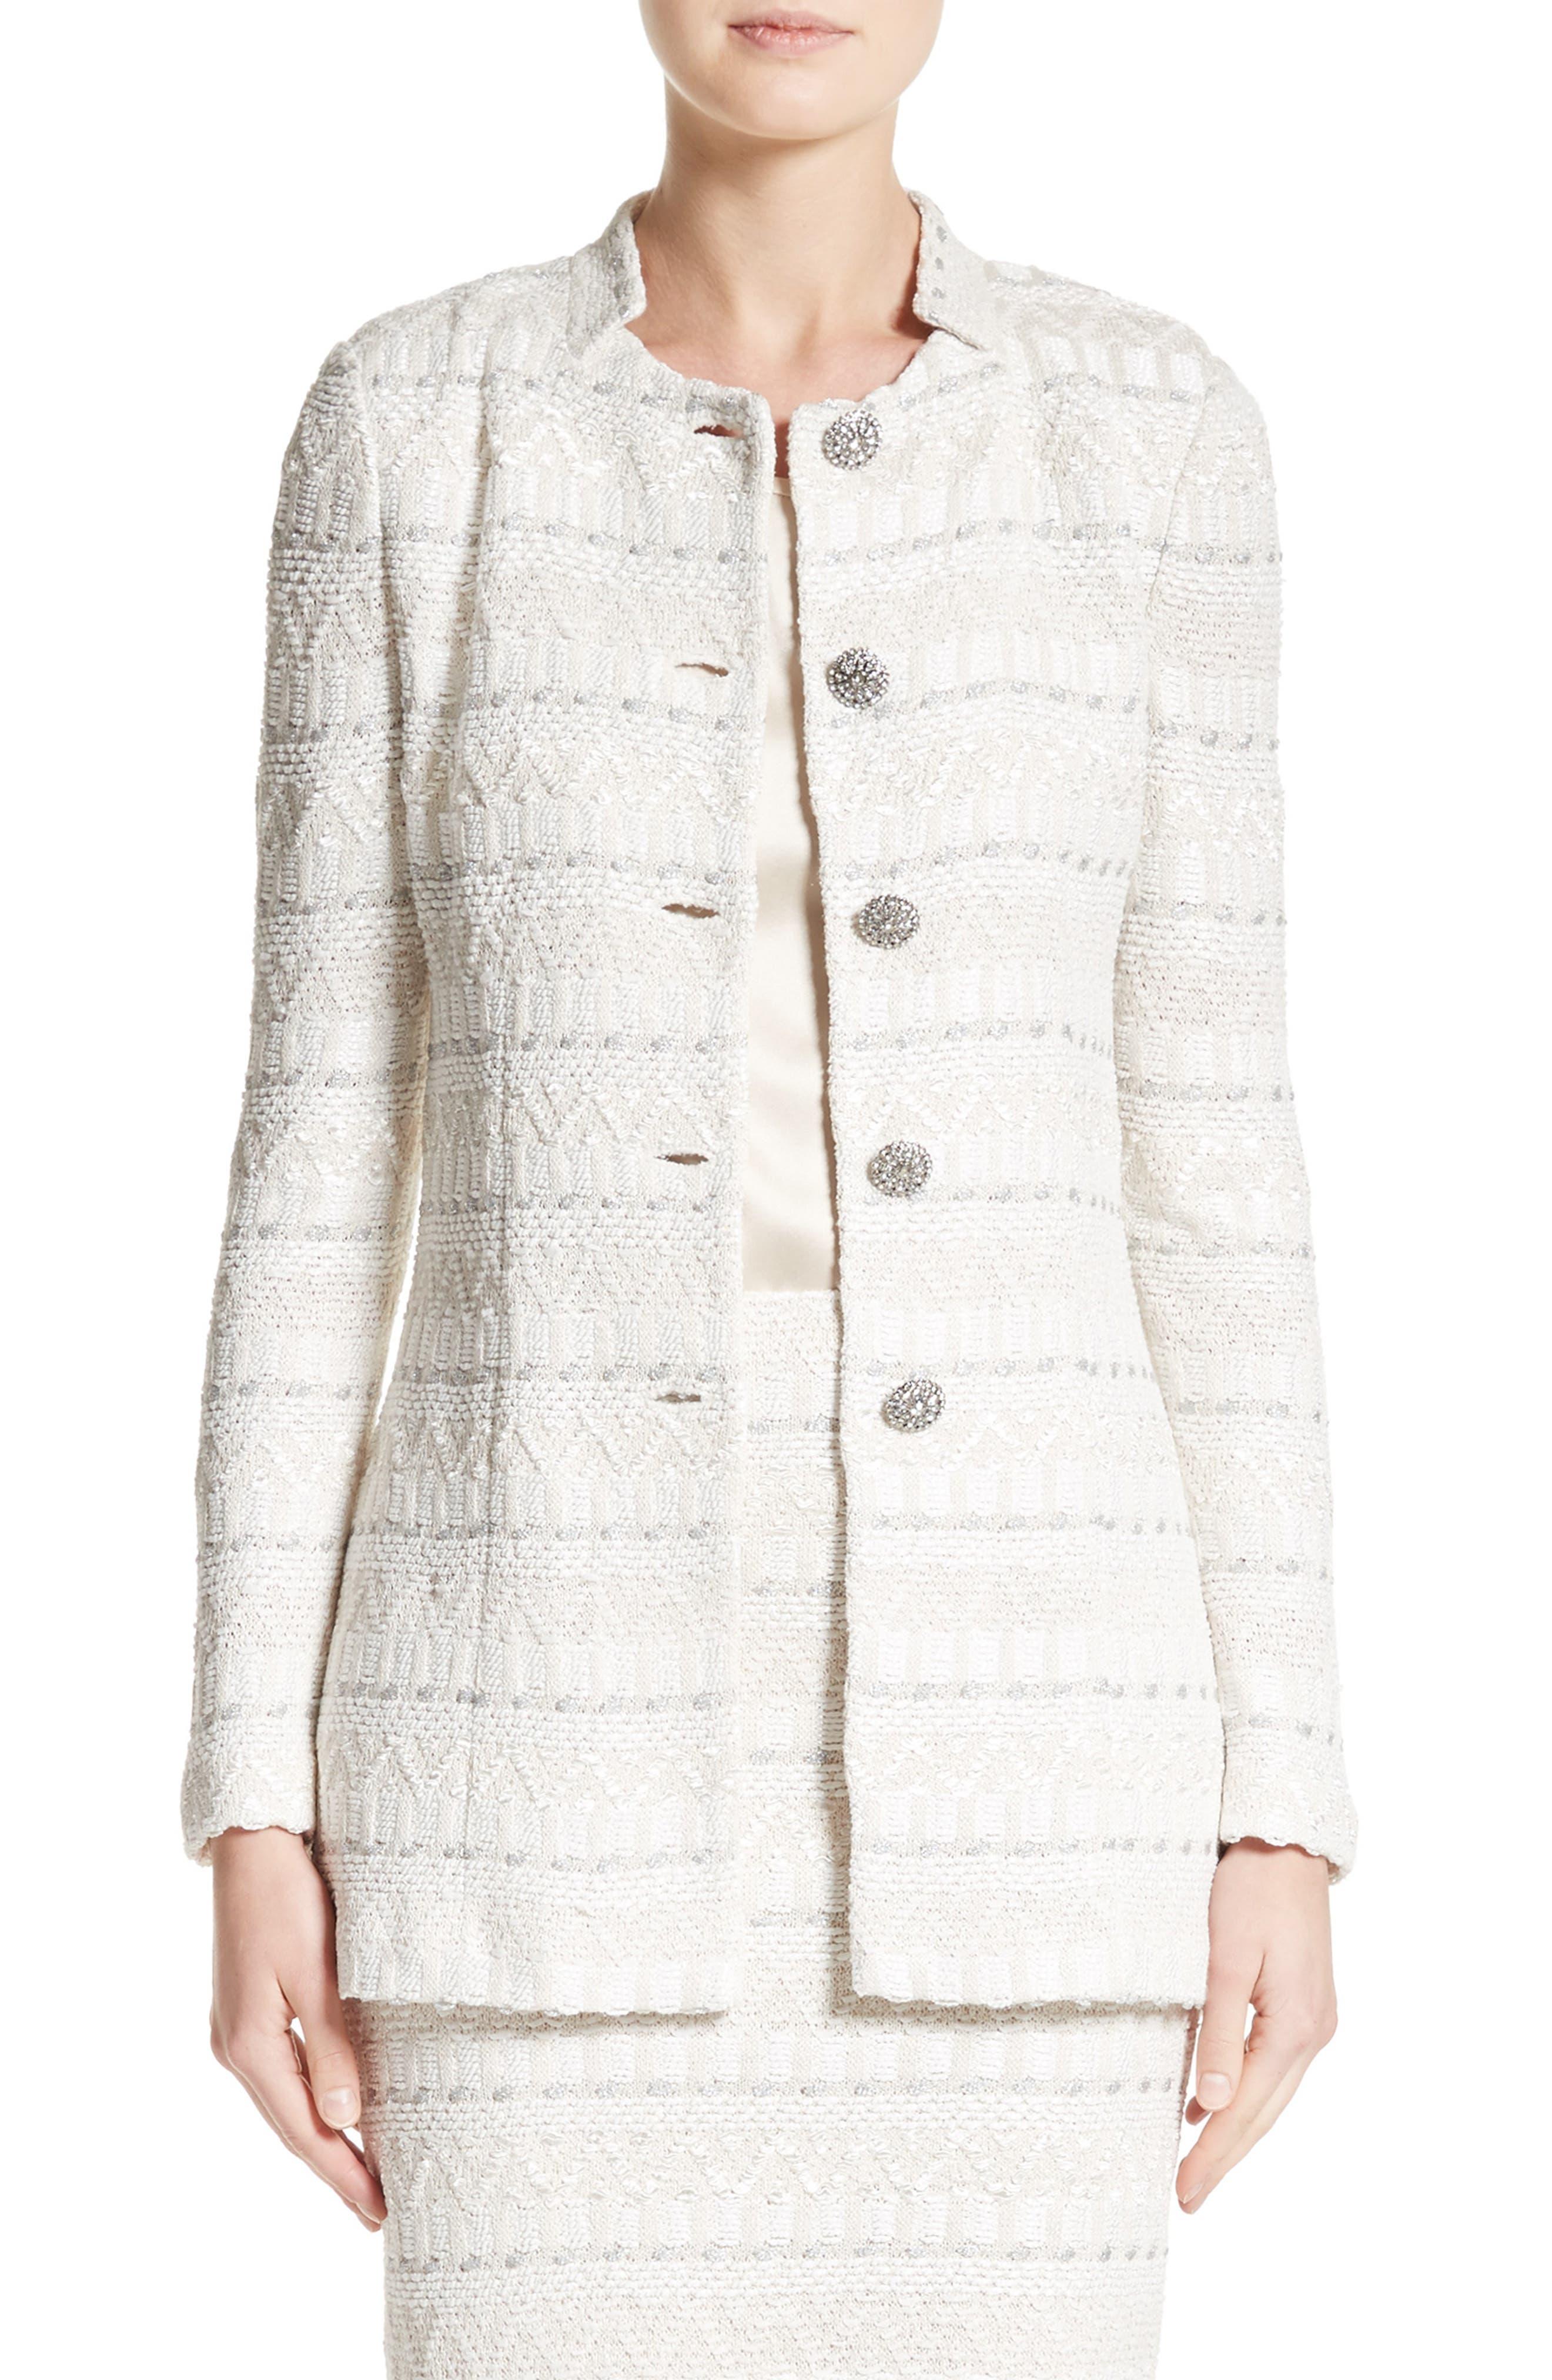 Samar Knit Tweed Jacket,                             Main thumbnail 1, color,                             100